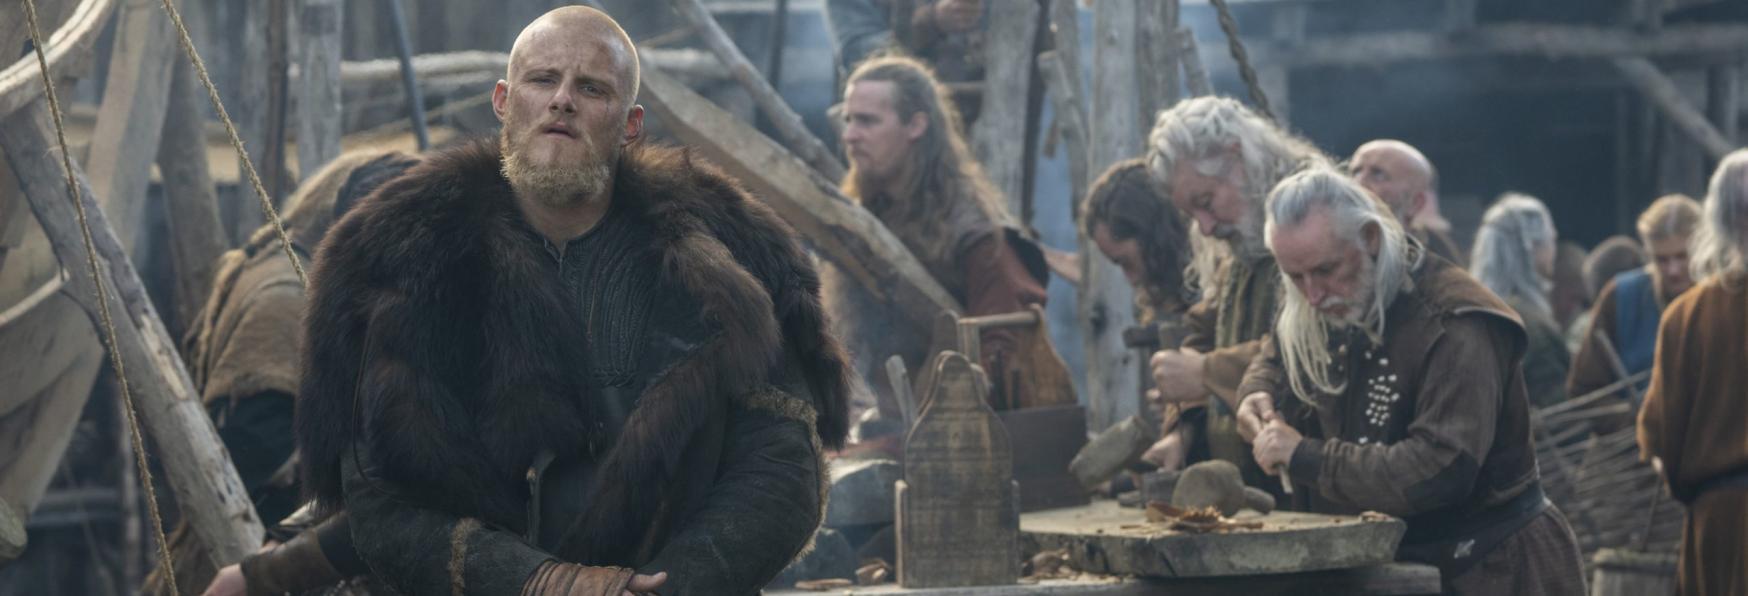 Vikings 6: Quando vedremo i nuovi episodi? Ecco tutti gli aggiornamenti